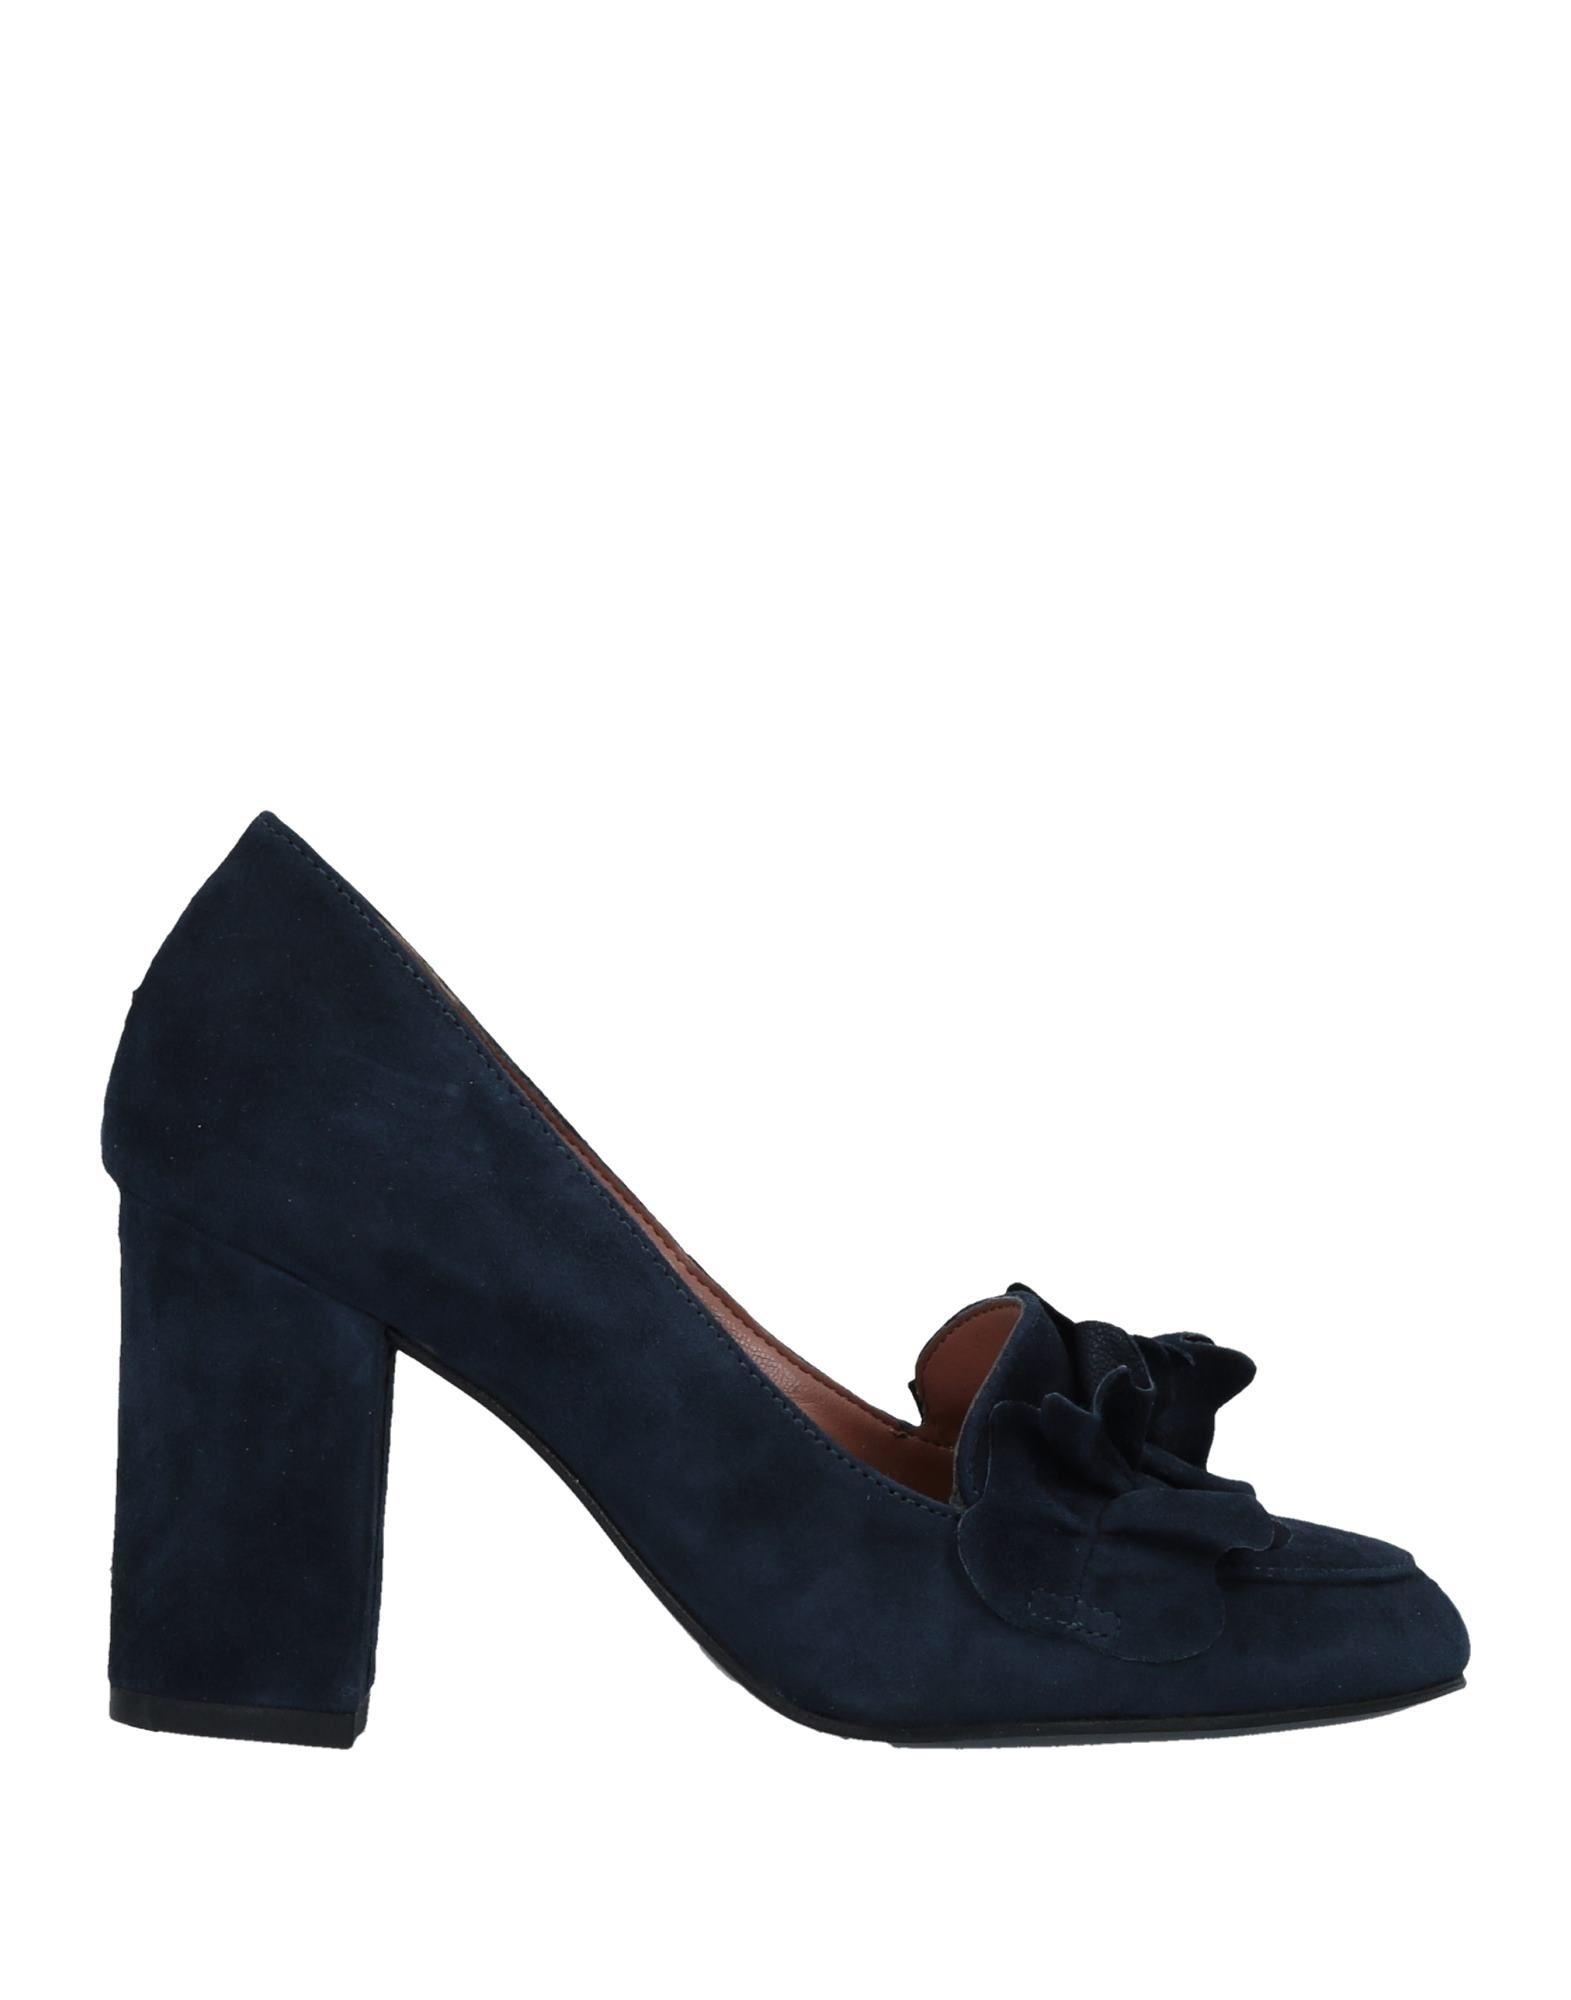 Sandali Gioseppo Donna - 11335715UI Scarpe economiche e buone